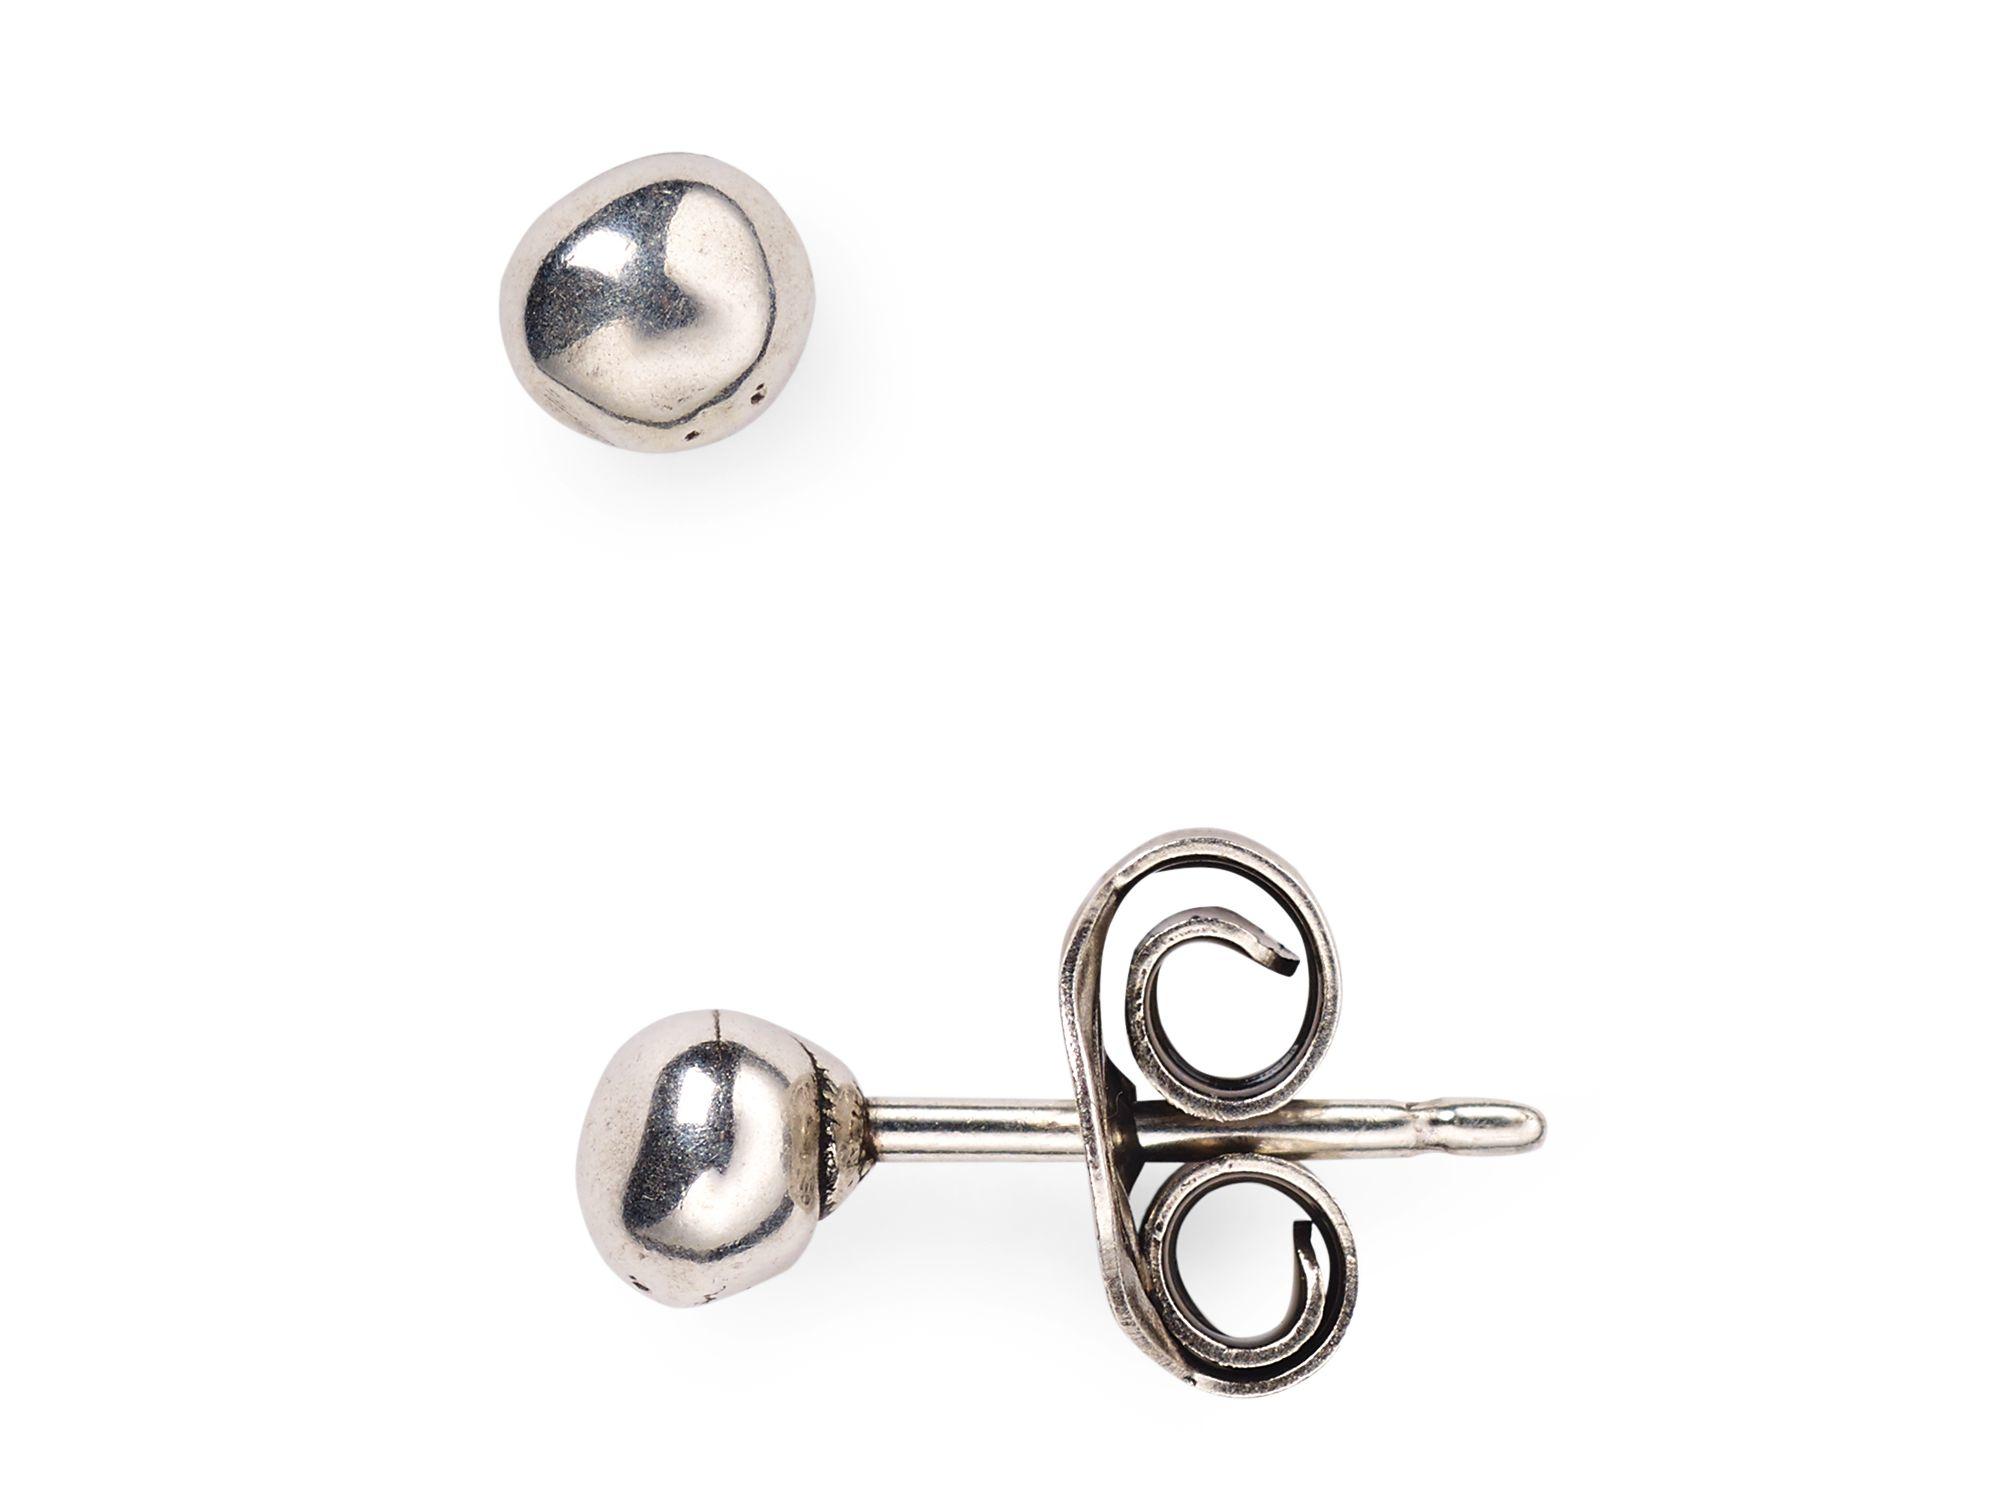 Lyst - Uno De 50 Pluto Stud Earrings in Metallic 52b14940b2